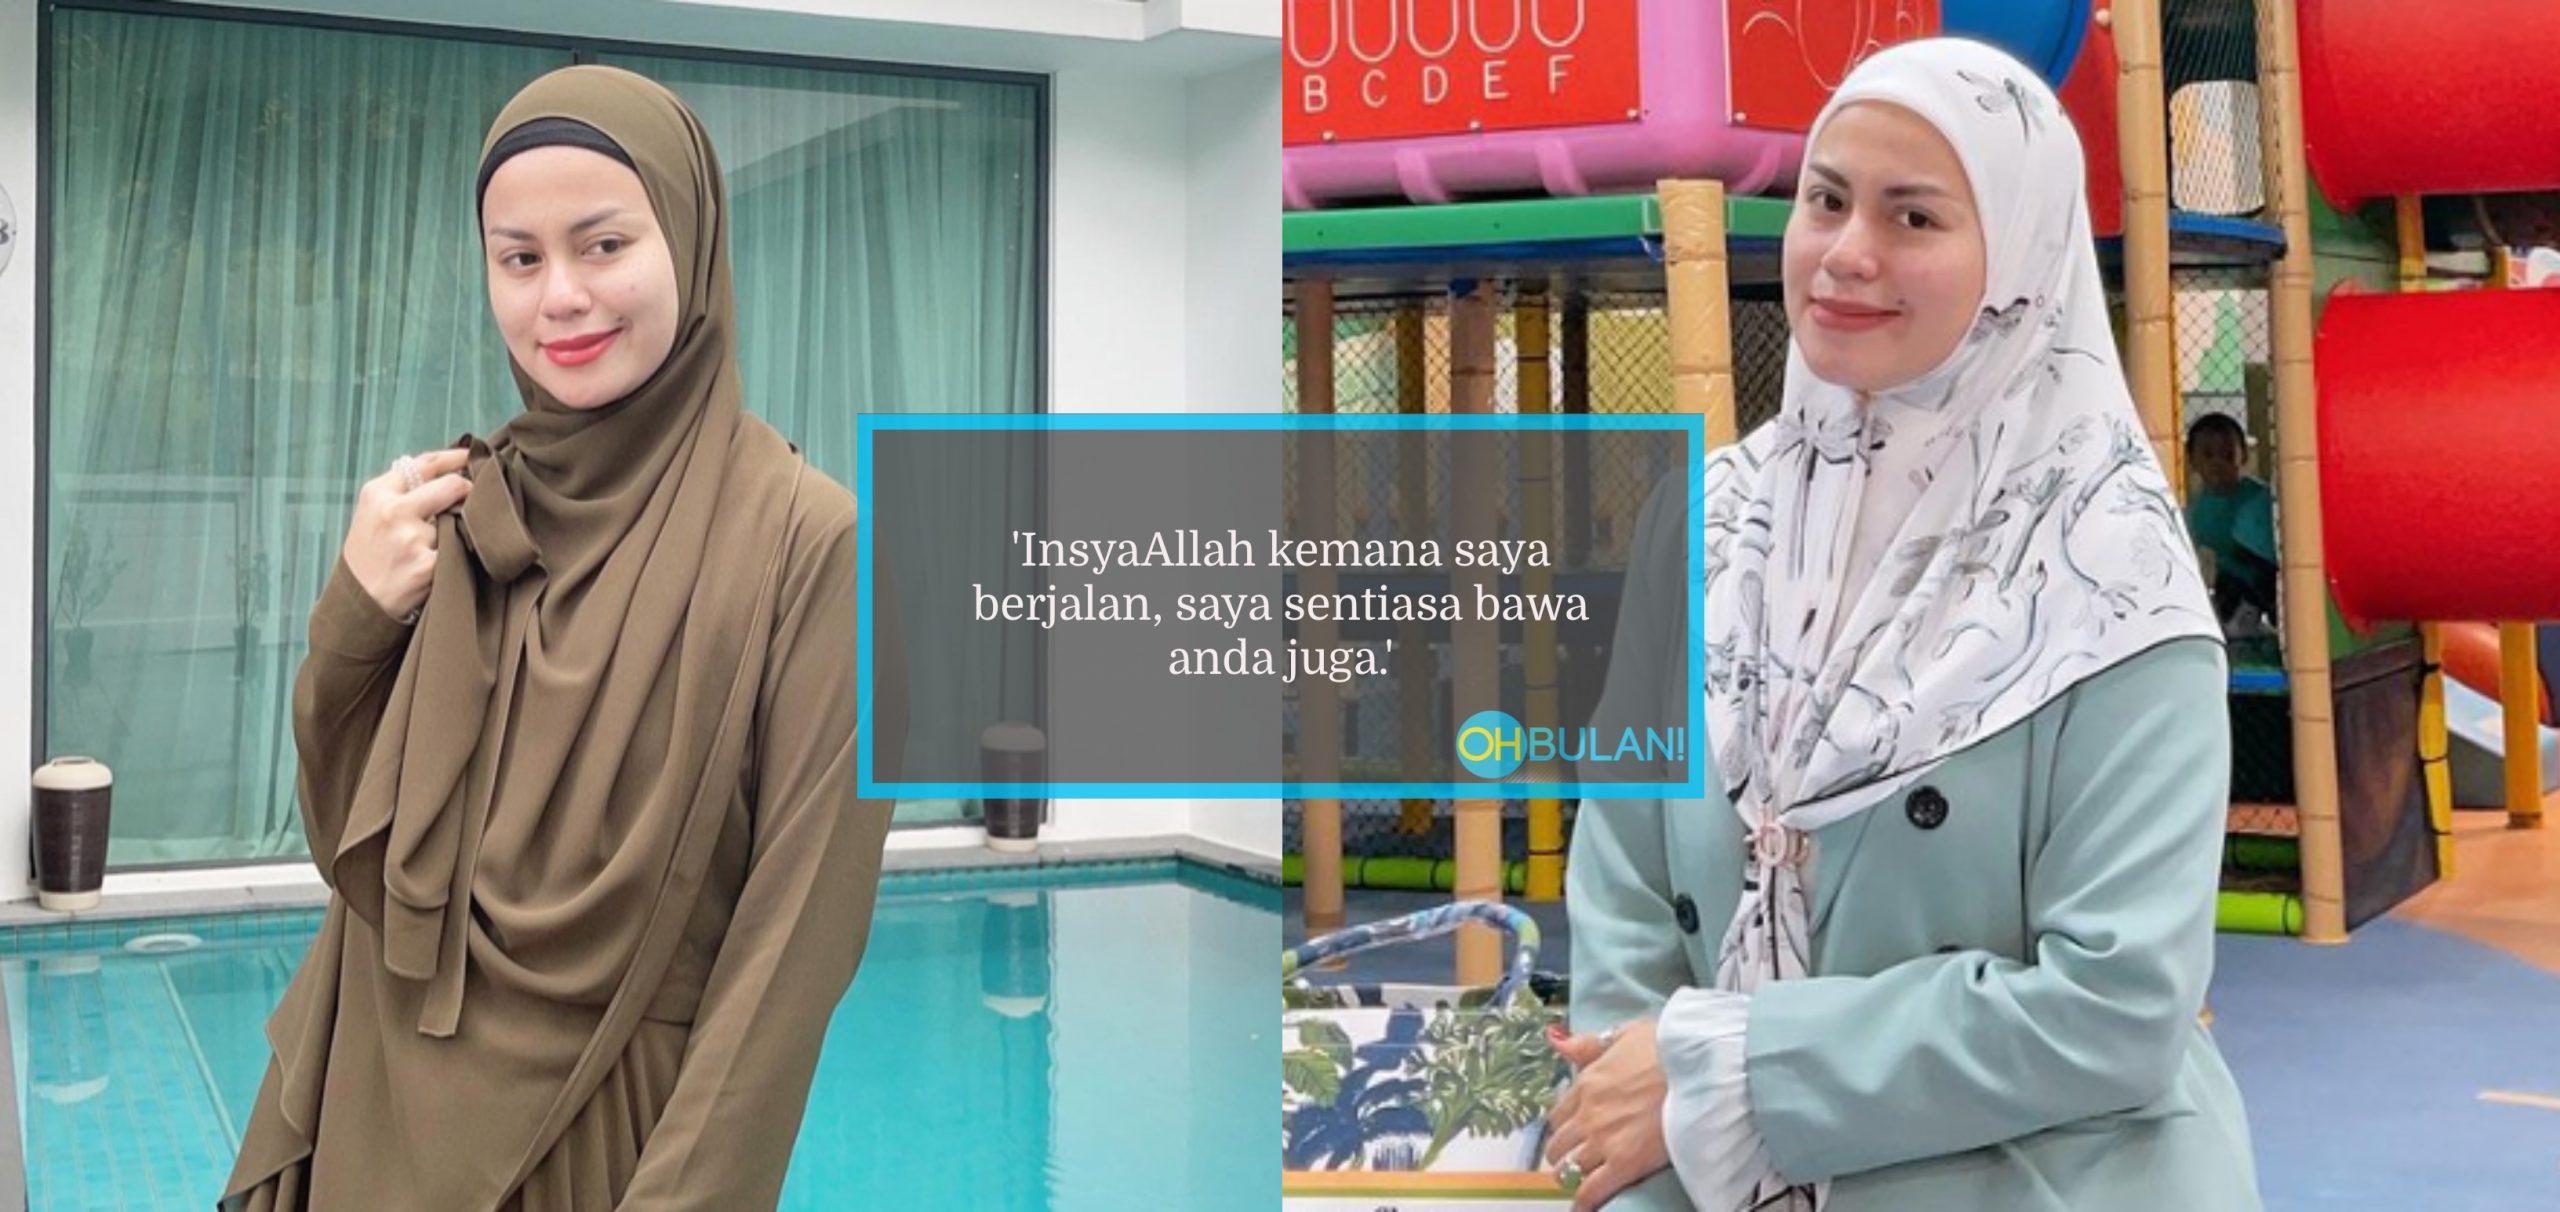 Cari Pembantu Melayu, Rupanya Ramai Nak Kerja Dengan Rebecca Nur Al-Islam – '3 Bulan Sekali Cuti'